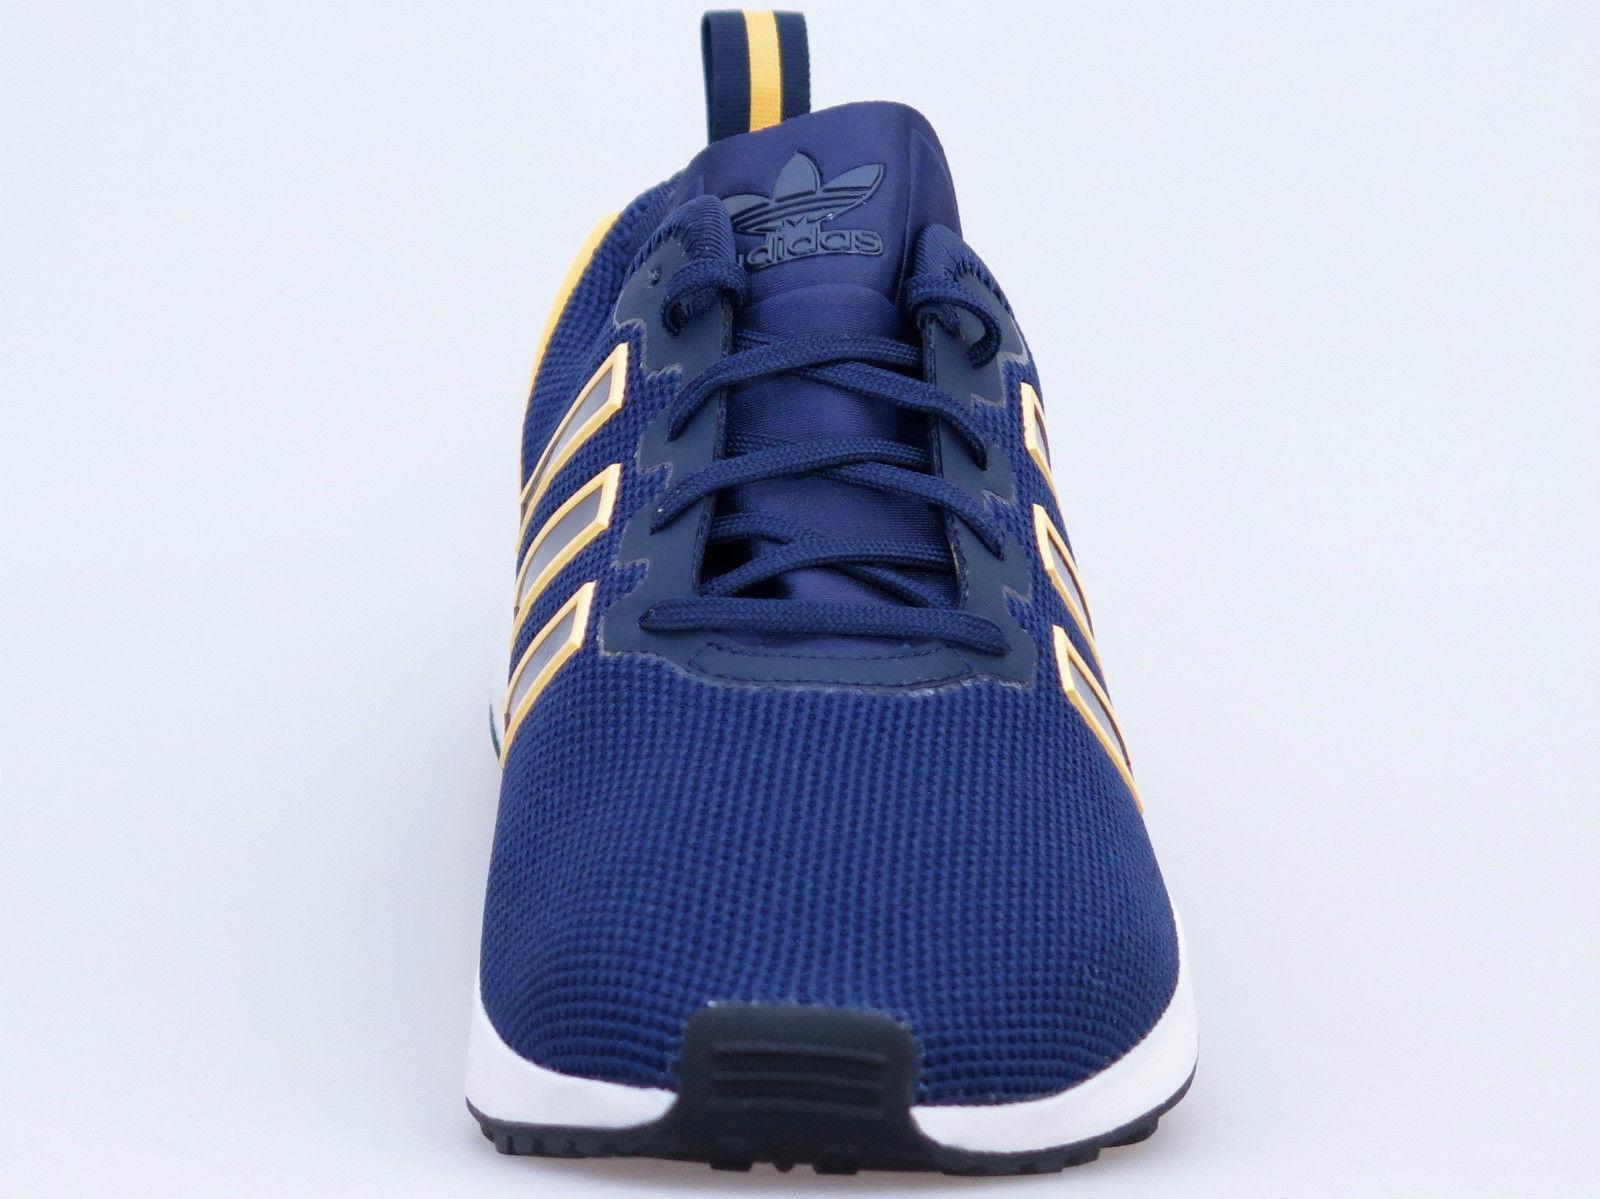 Adidas Originals Trainers ZX Flux ADV Men's Trainers Originals Navy / Solar Gold Shoes AQ2753 c841b9